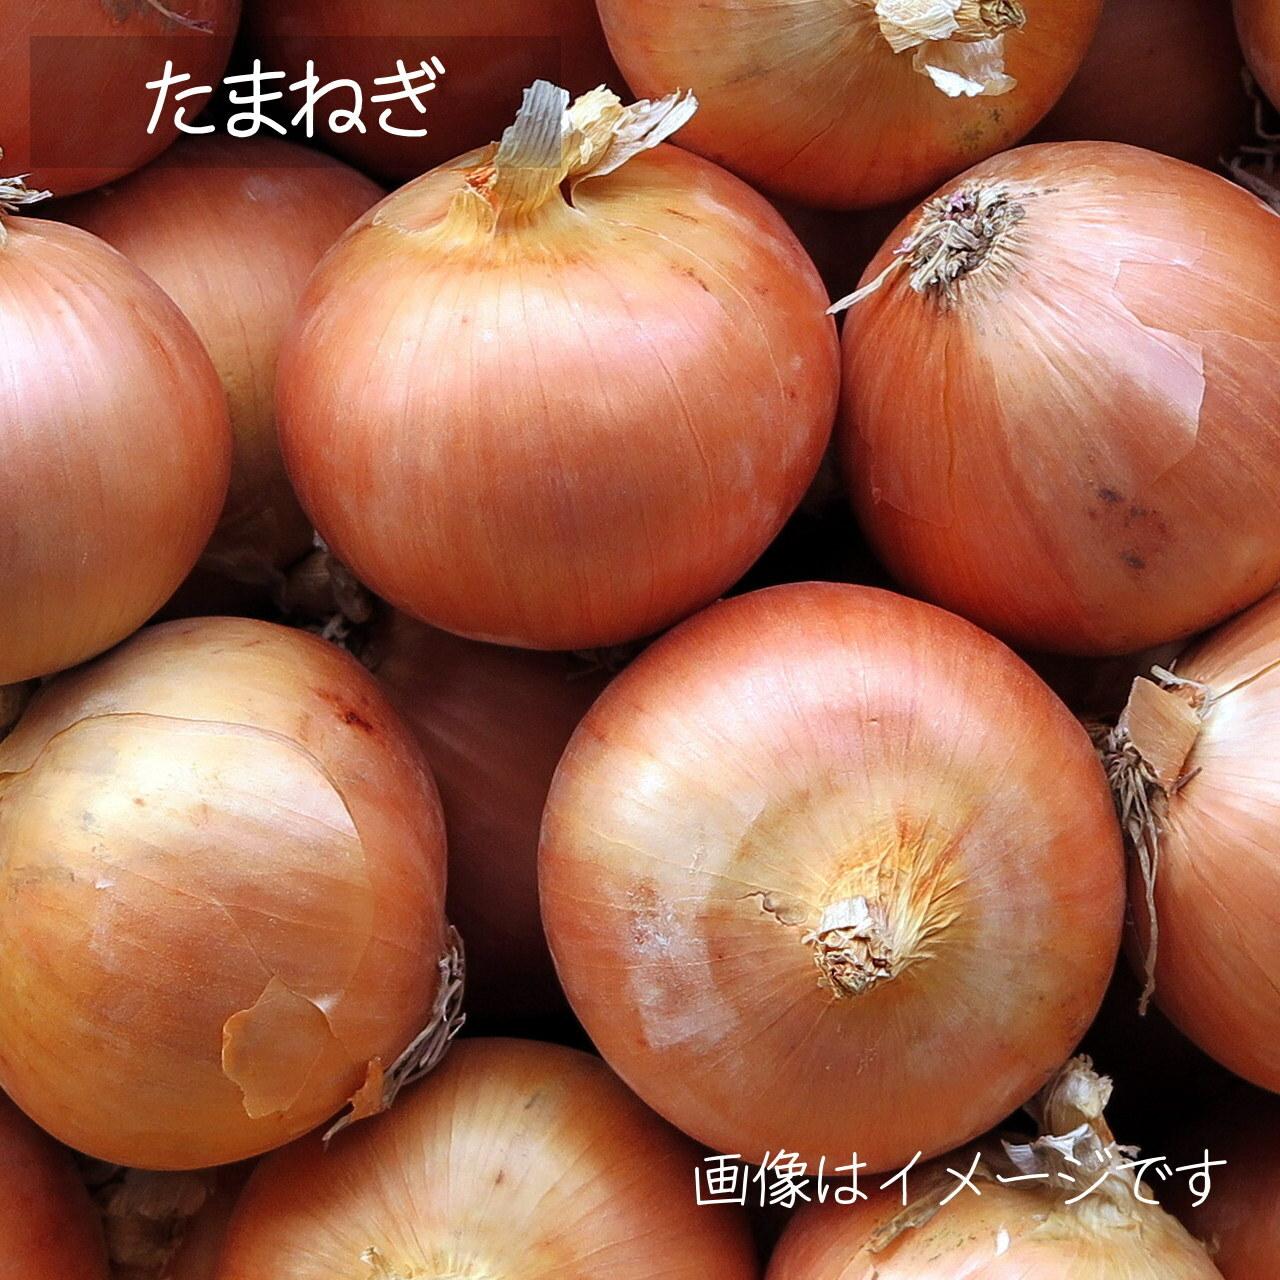 8月の朝採り直売野菜 : たまねぎ 約3~4個 8月の新鮮夏野菜 8月10日発送予定